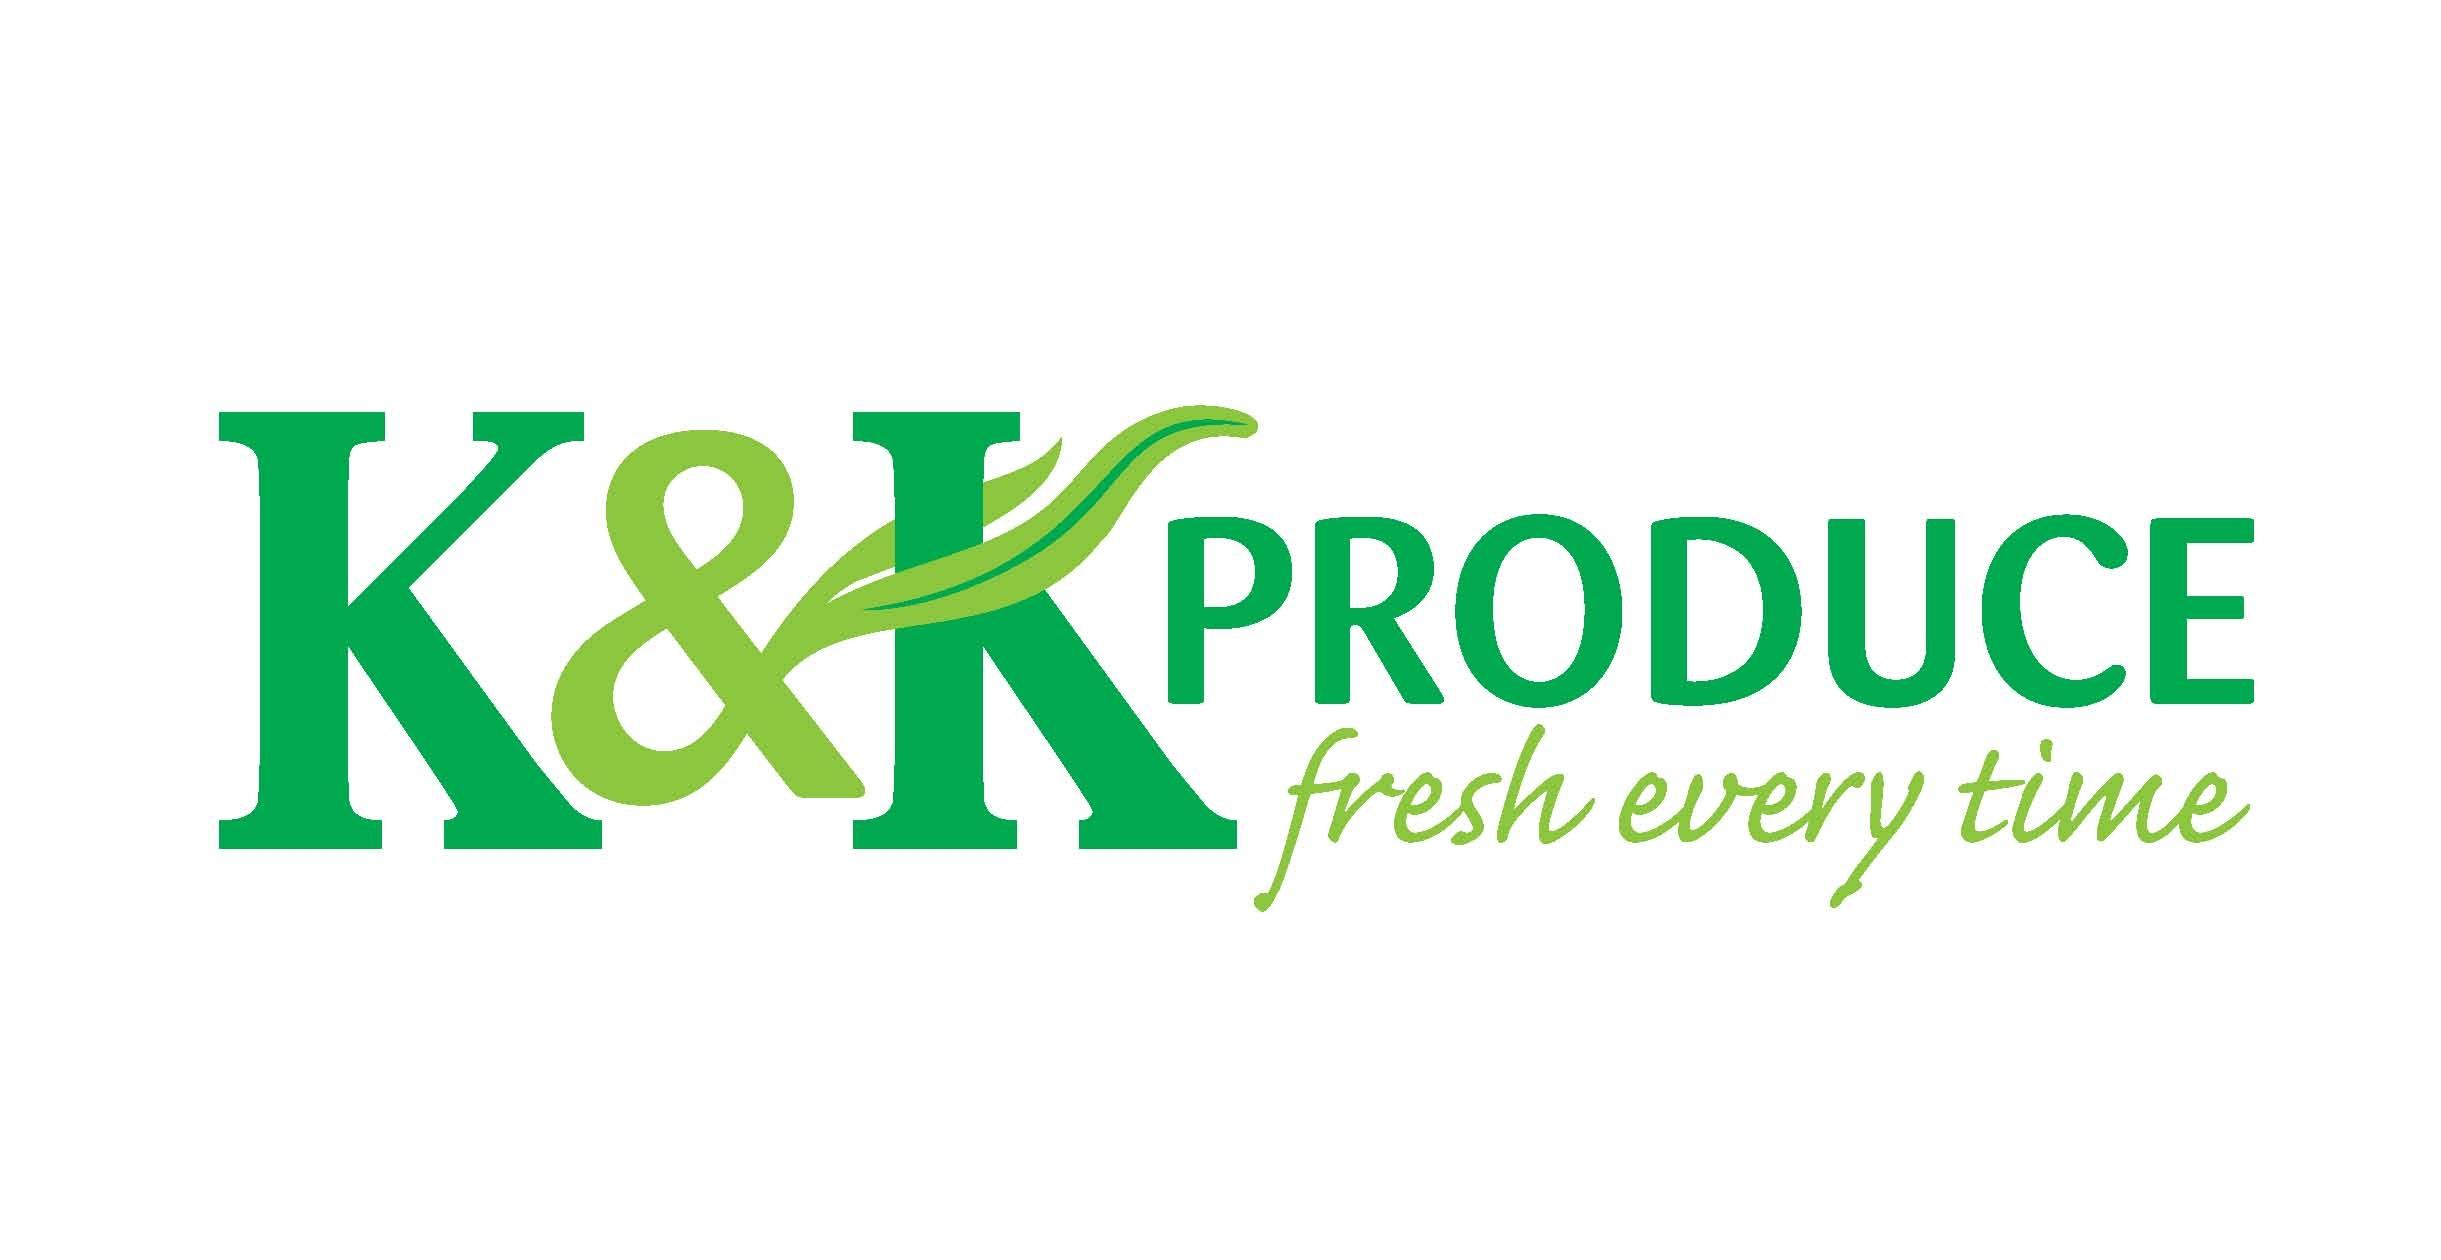 Image of K & K Produce logotype